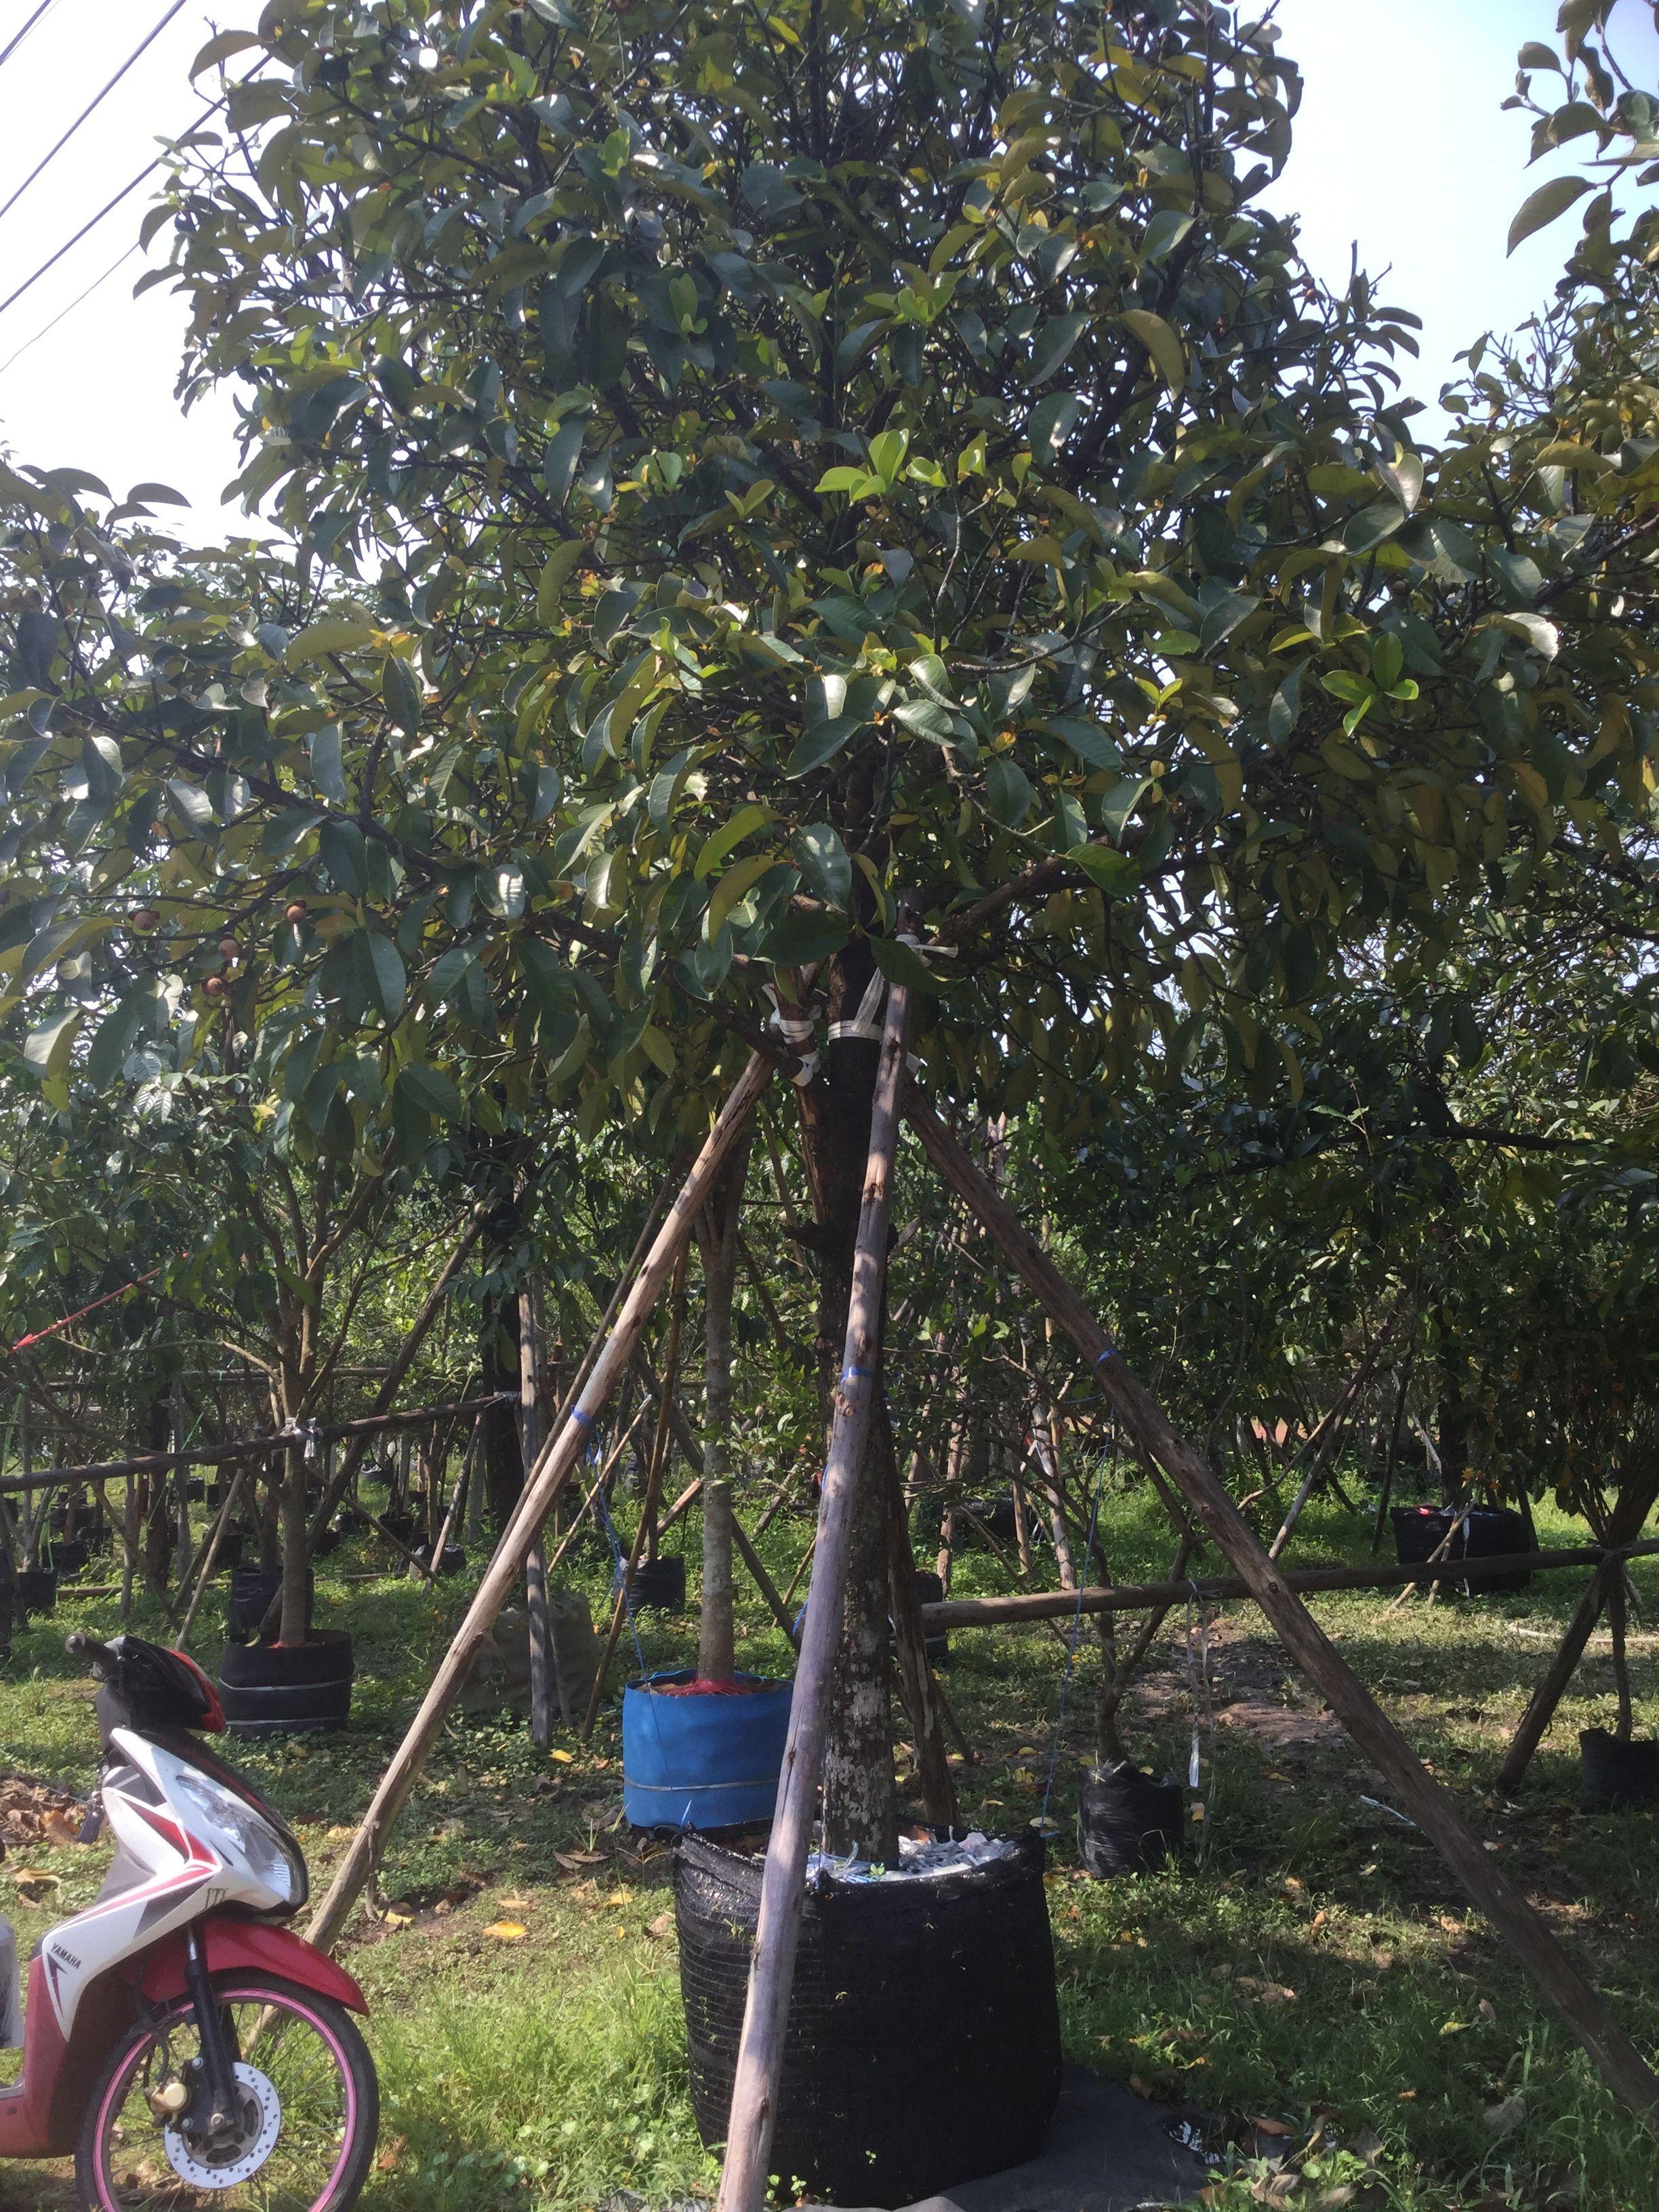 ปักพินโดย Tree&Garden ใน ไม้ล้อม ผลไม้ พันธ์ุไม้ ผลไม้